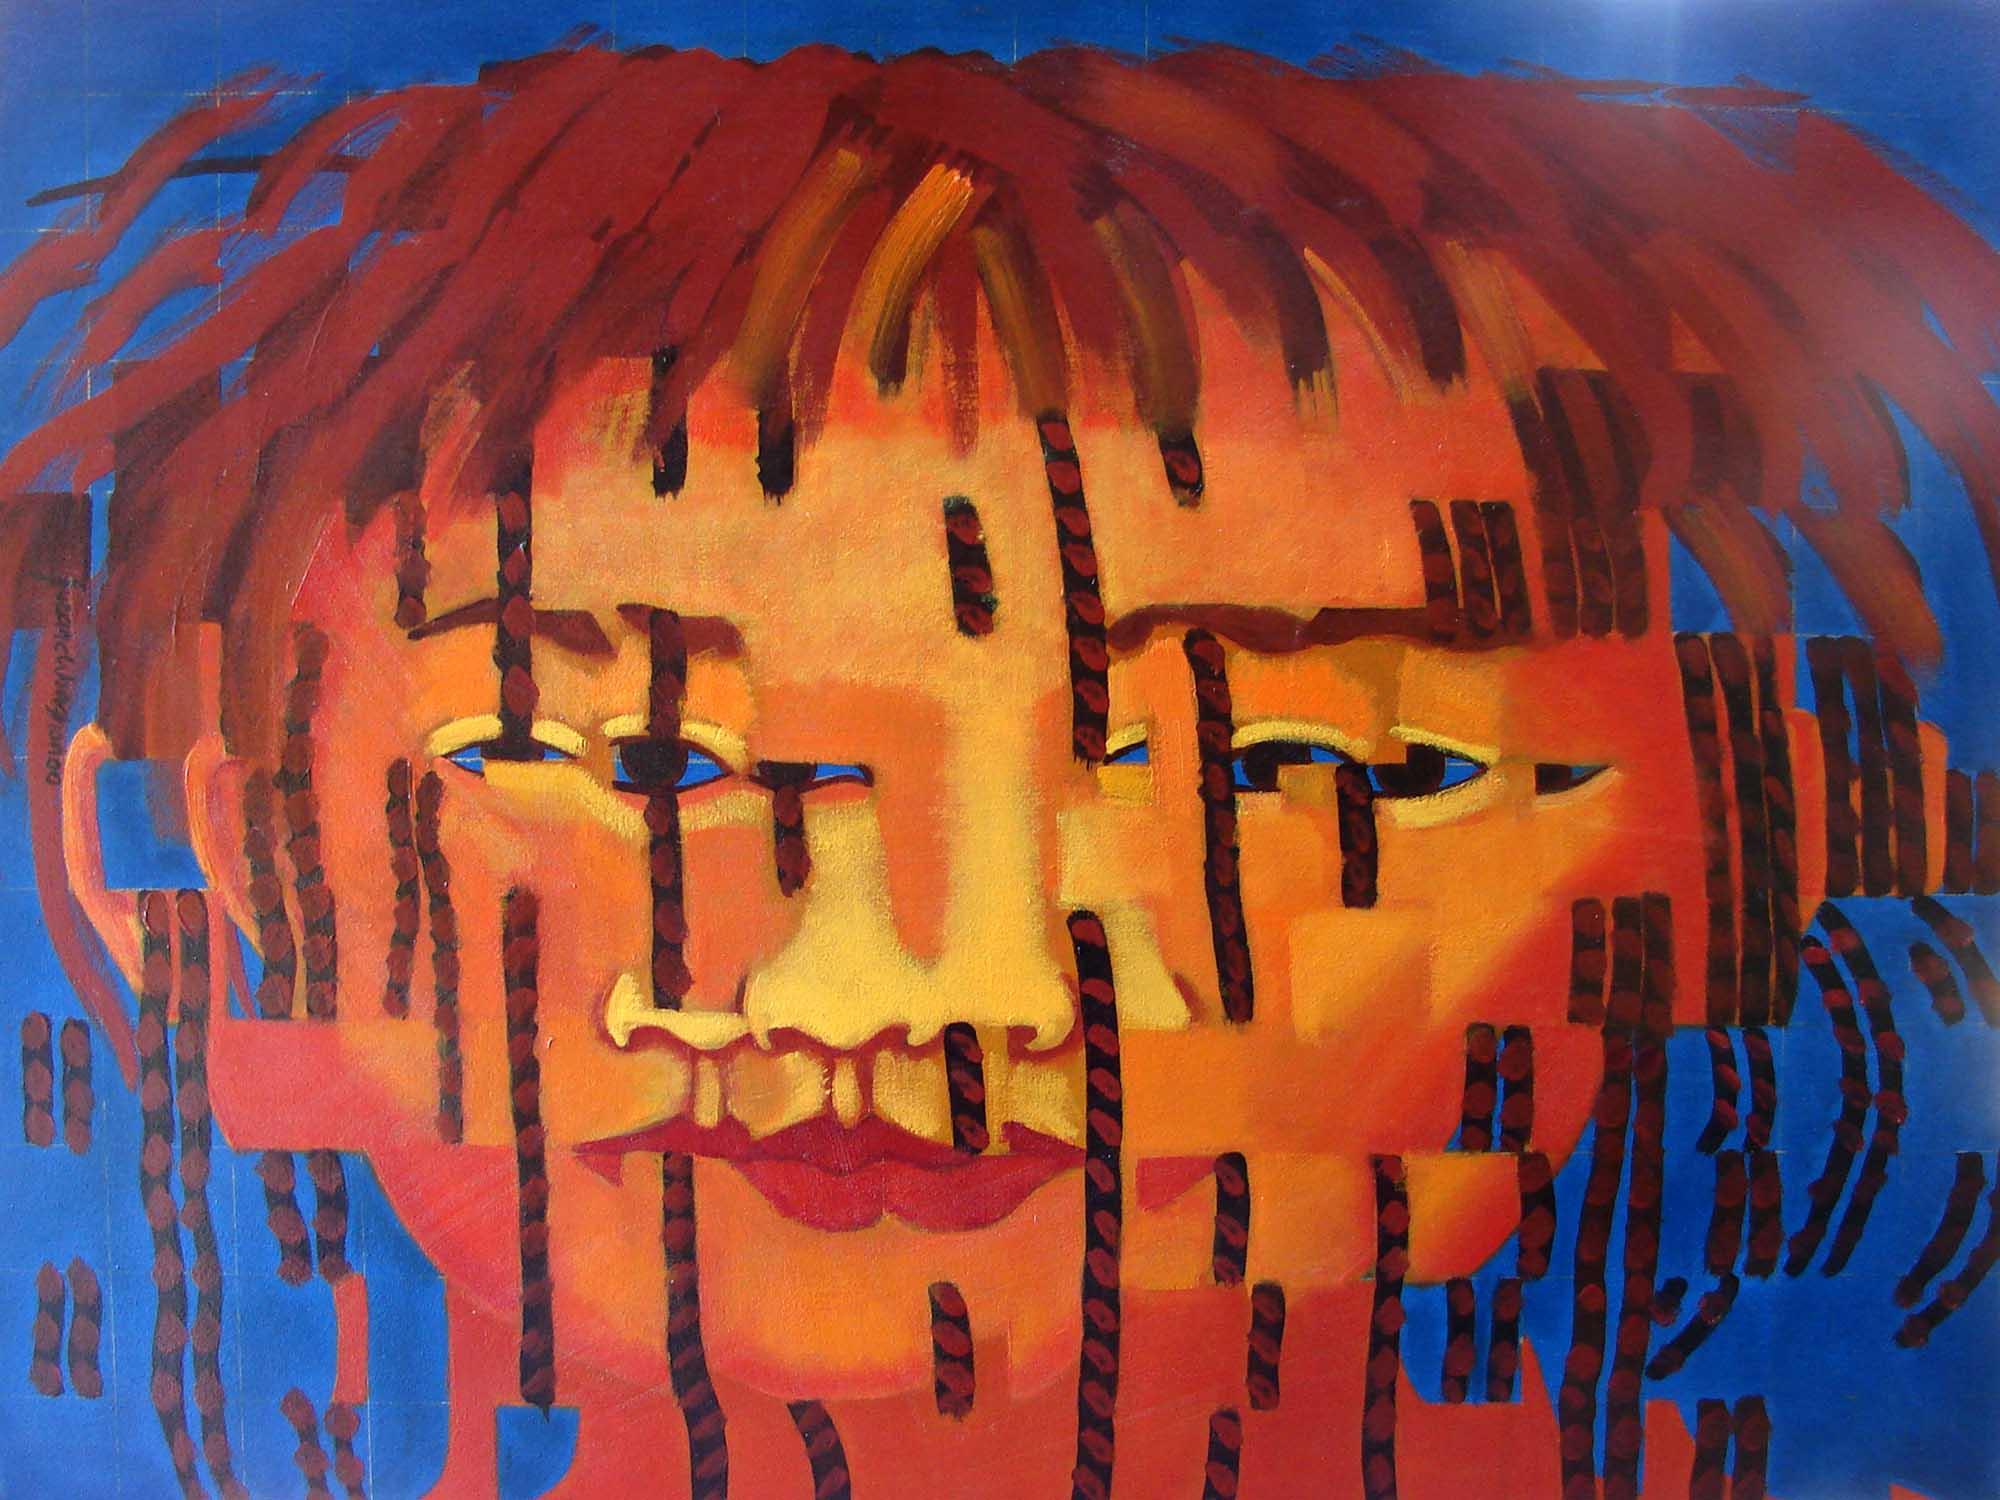 2000, Fragmentação1, óleos/tela, 60x80cm